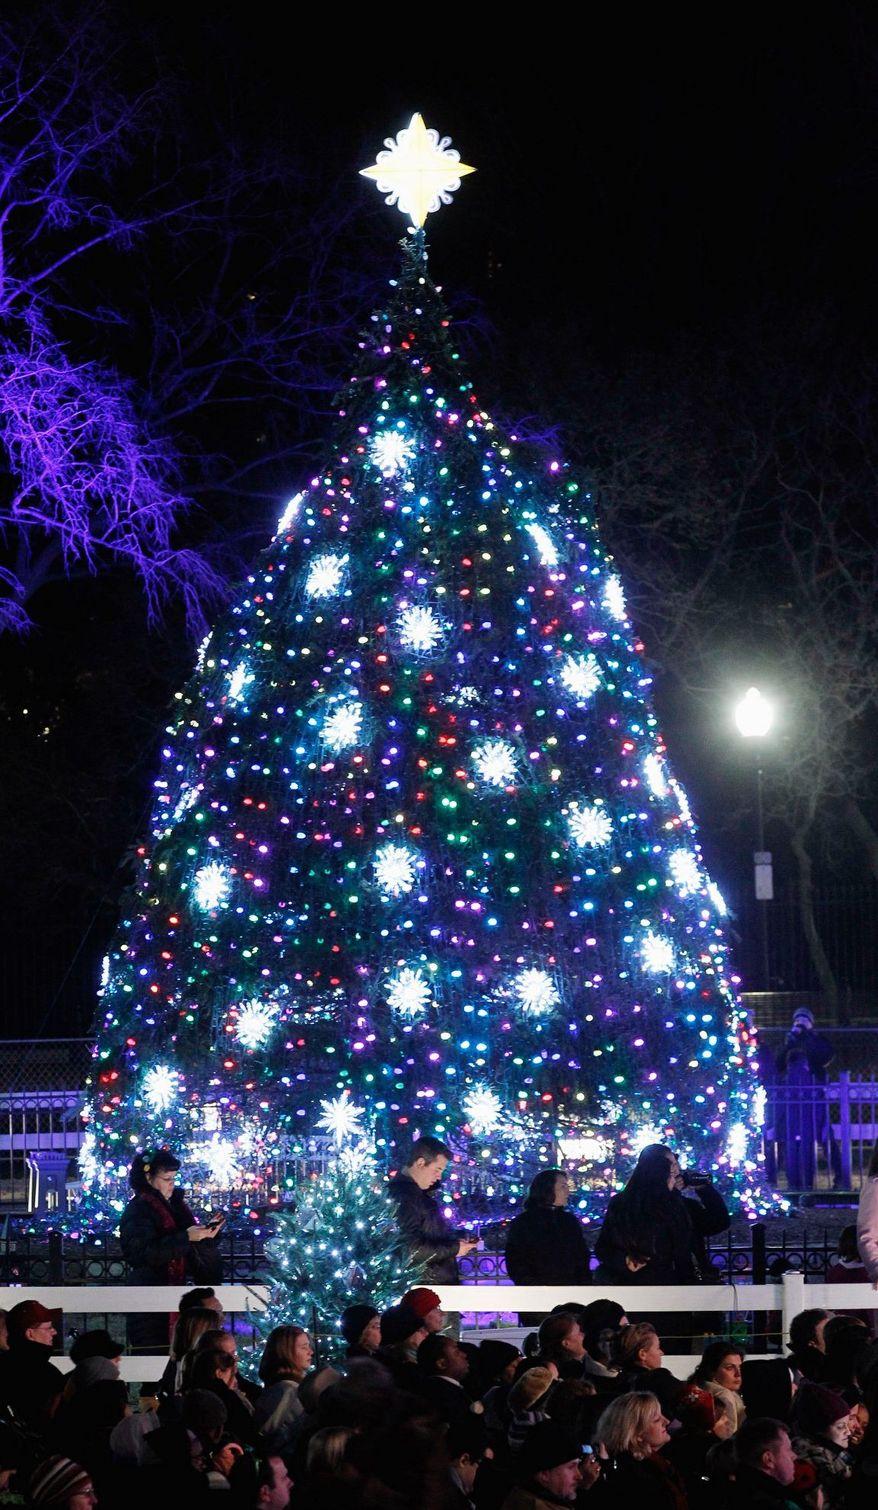 The National Christmas Tree Lighting